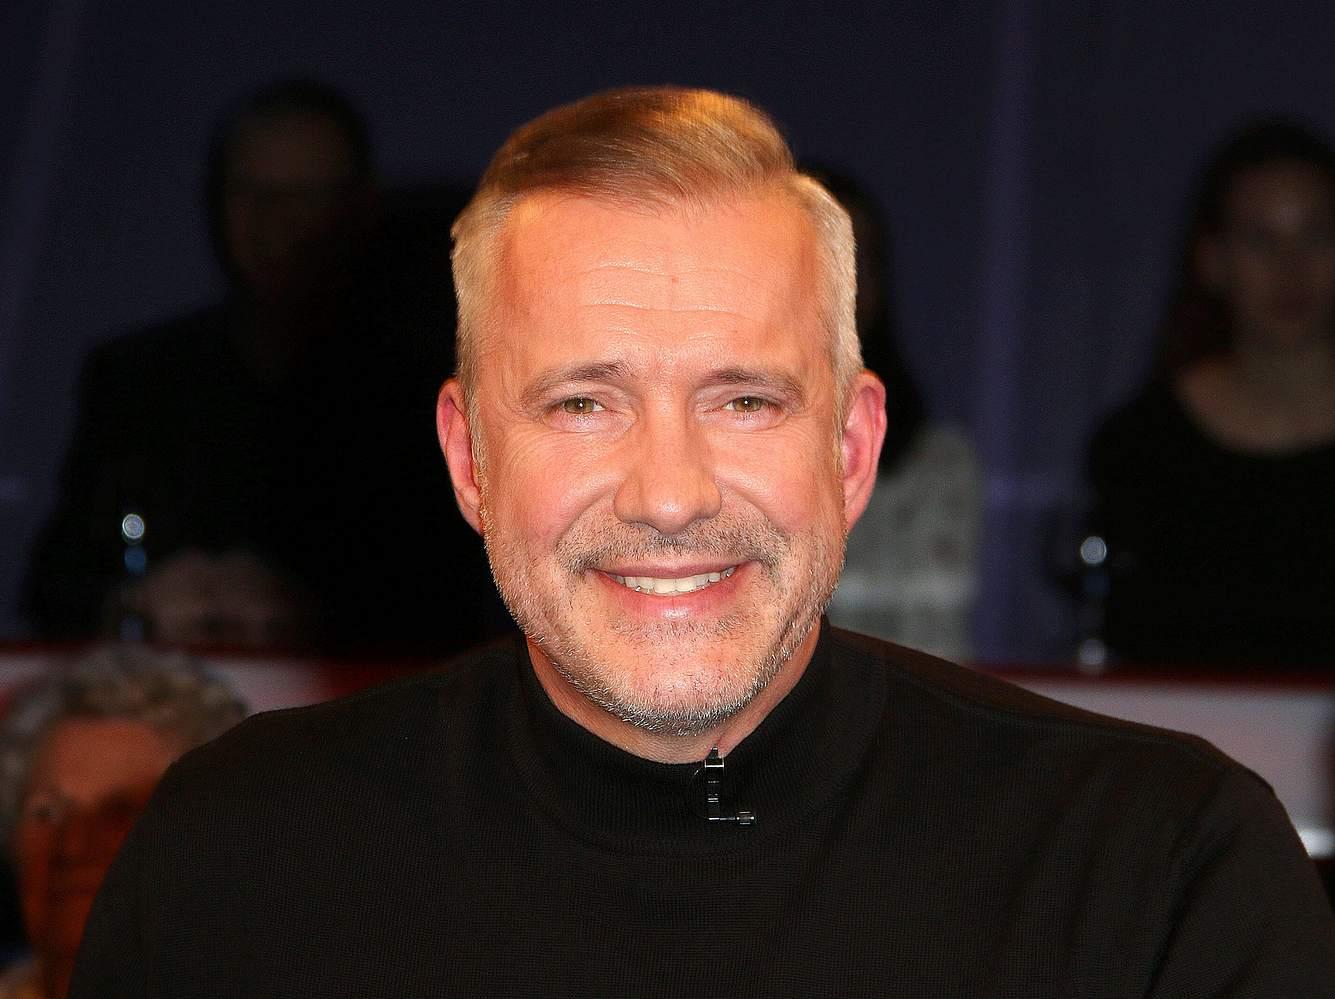 Der beliebte Fernsehkoch Alexander Herrmann